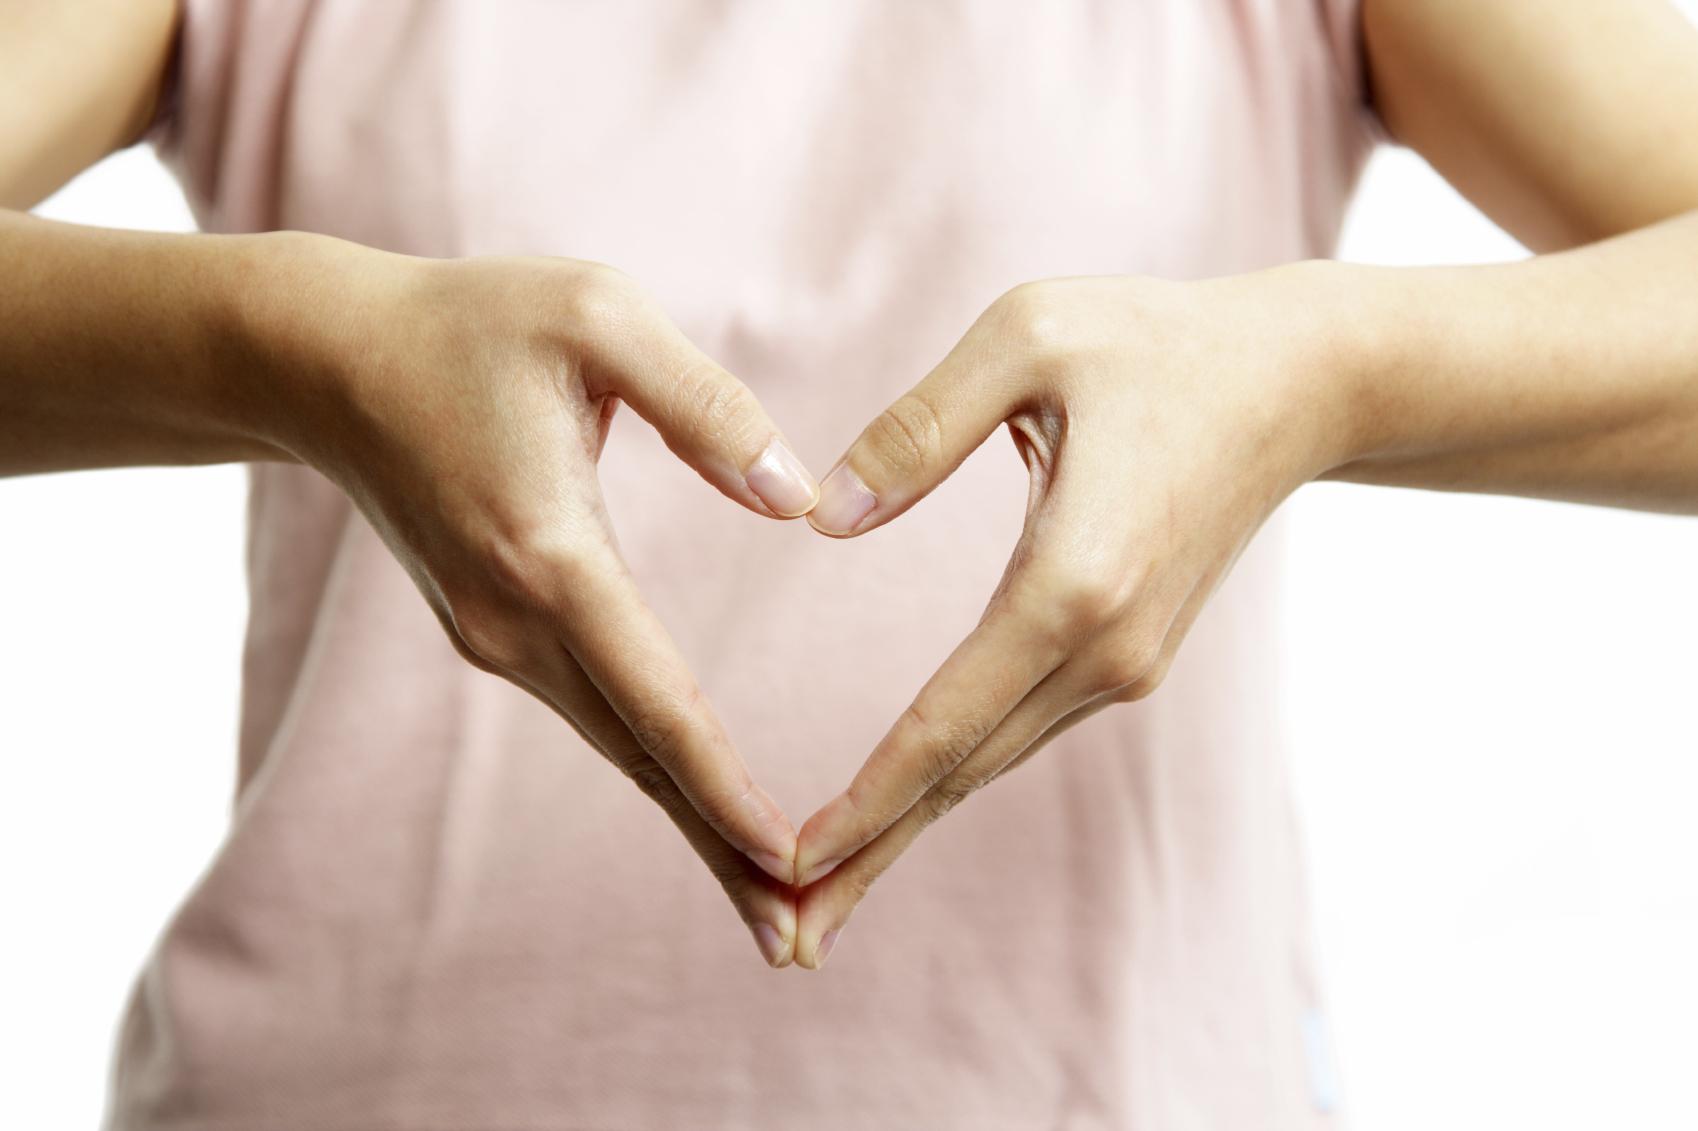 Kadınlarda Kalp Hastalığı Neden Daha Ağır Seyrediyor?